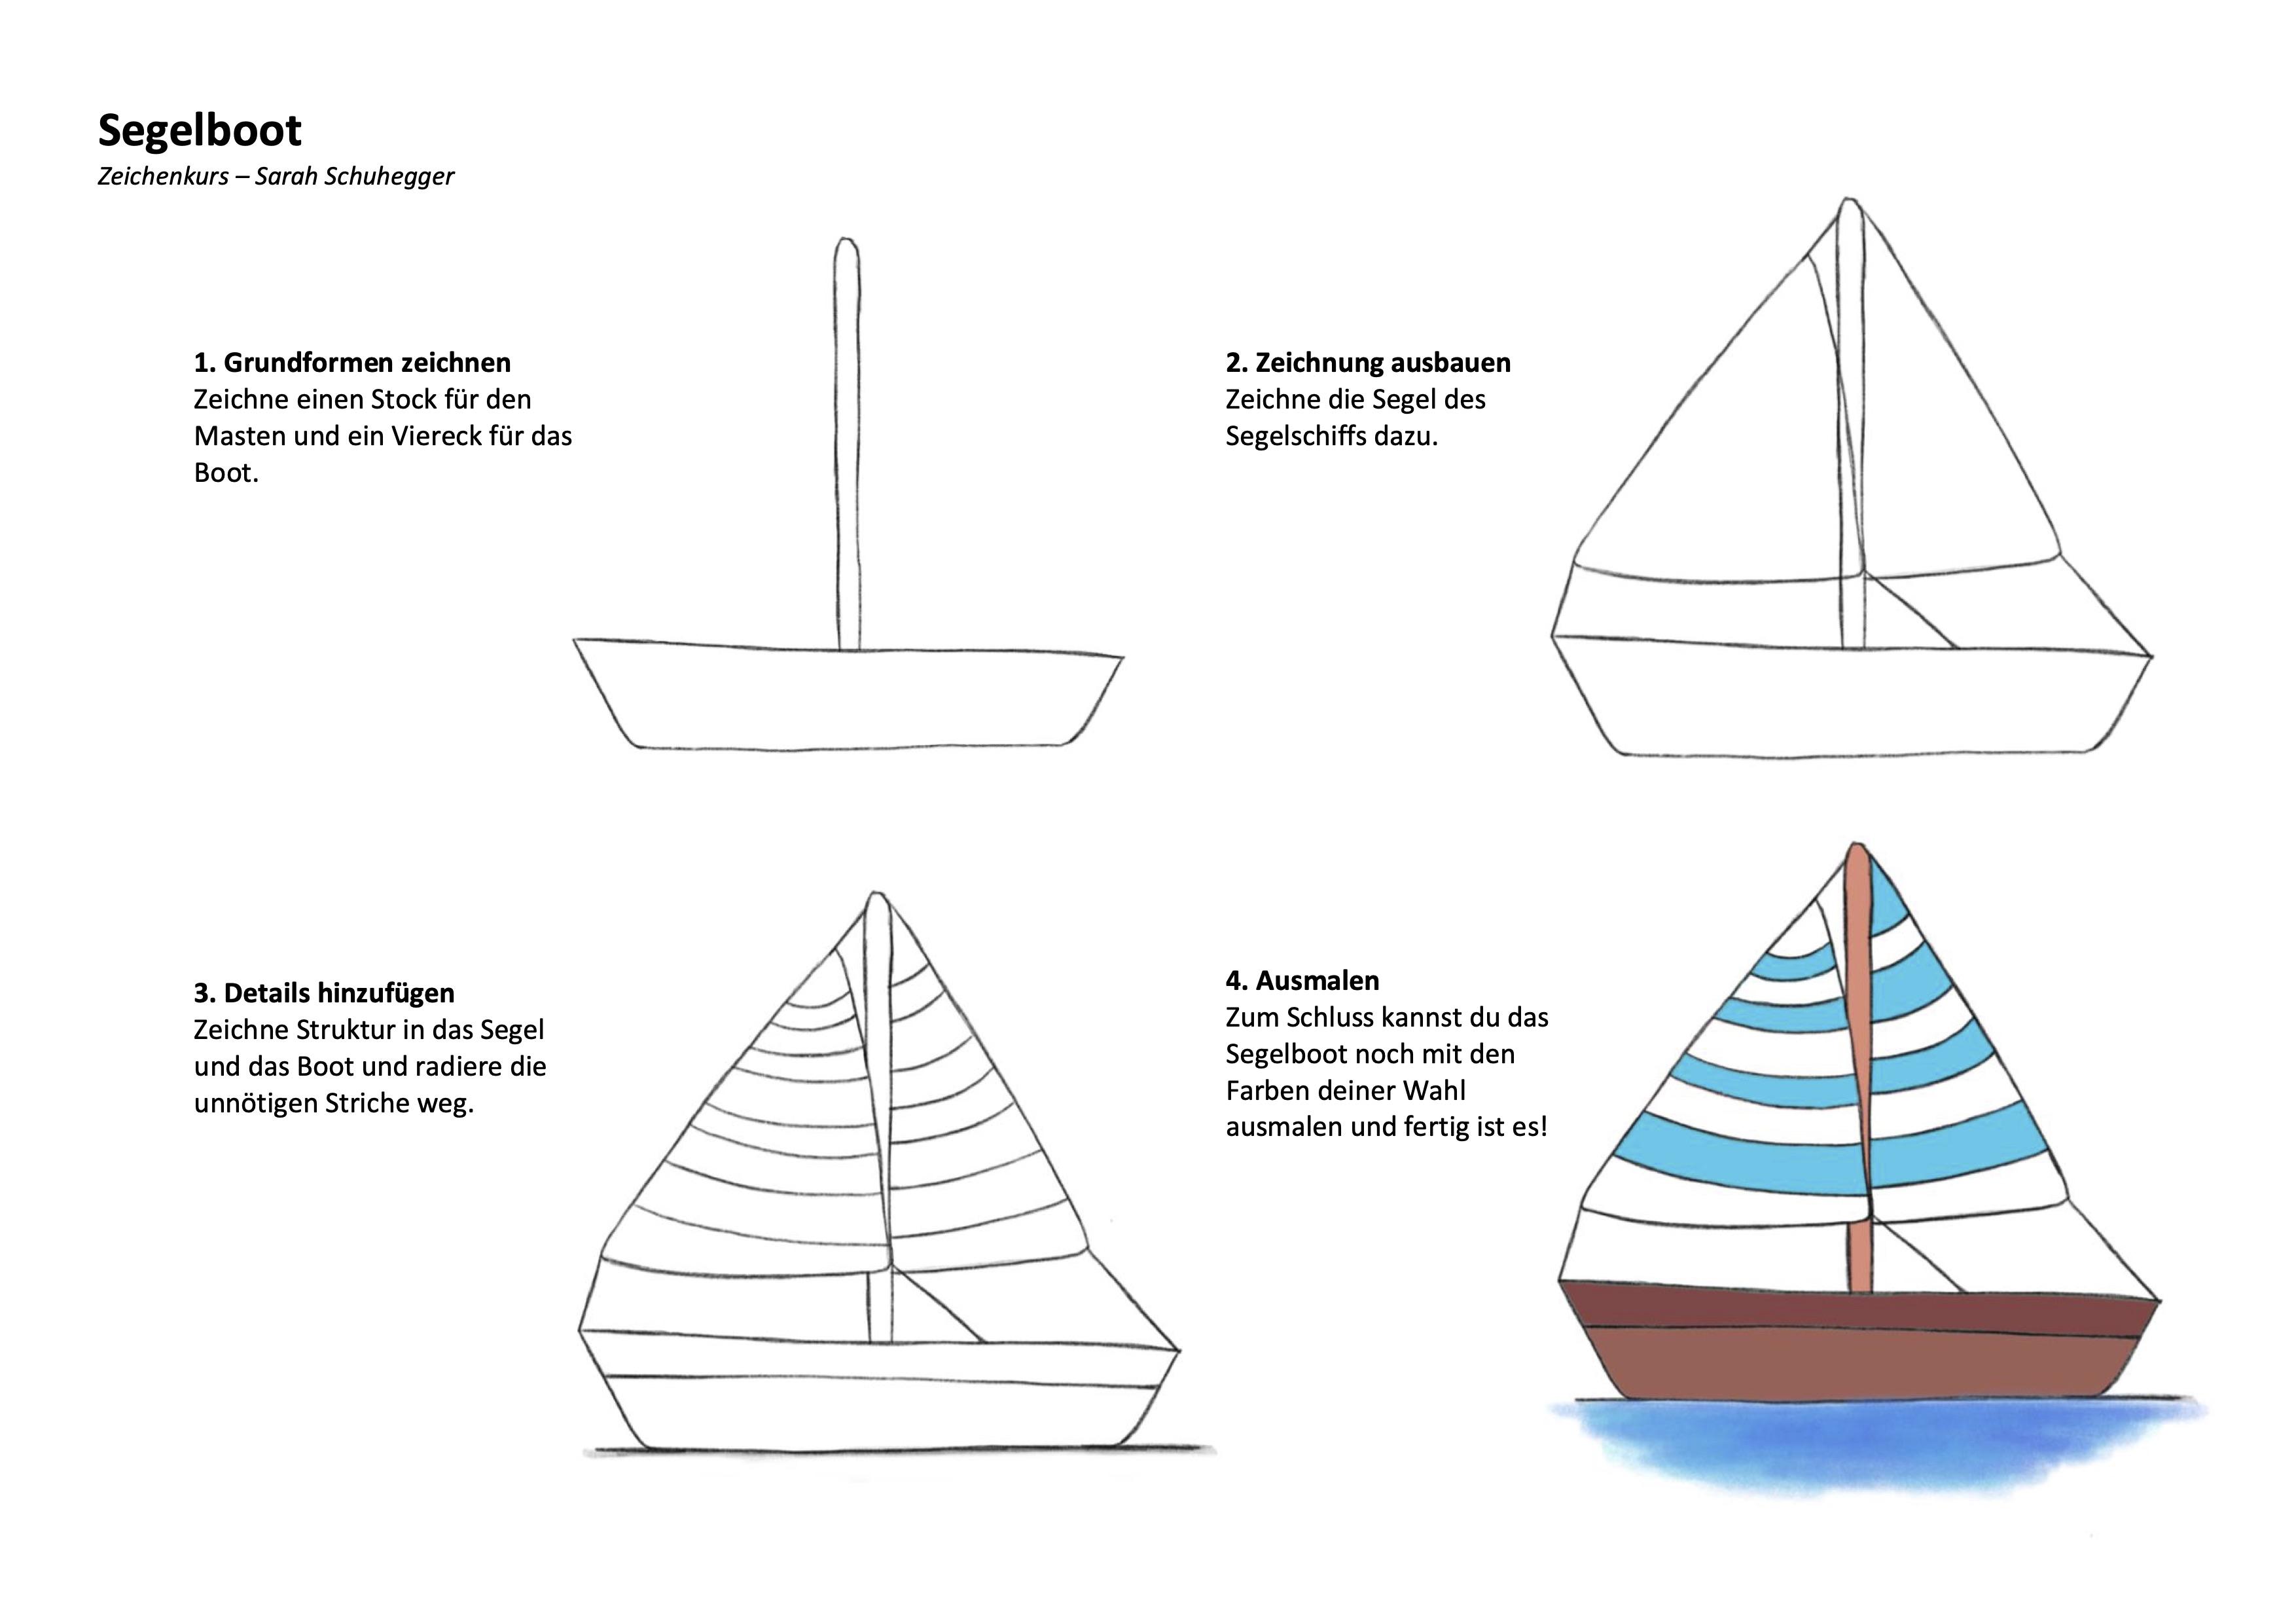 Segelboot Zeichenanleitung